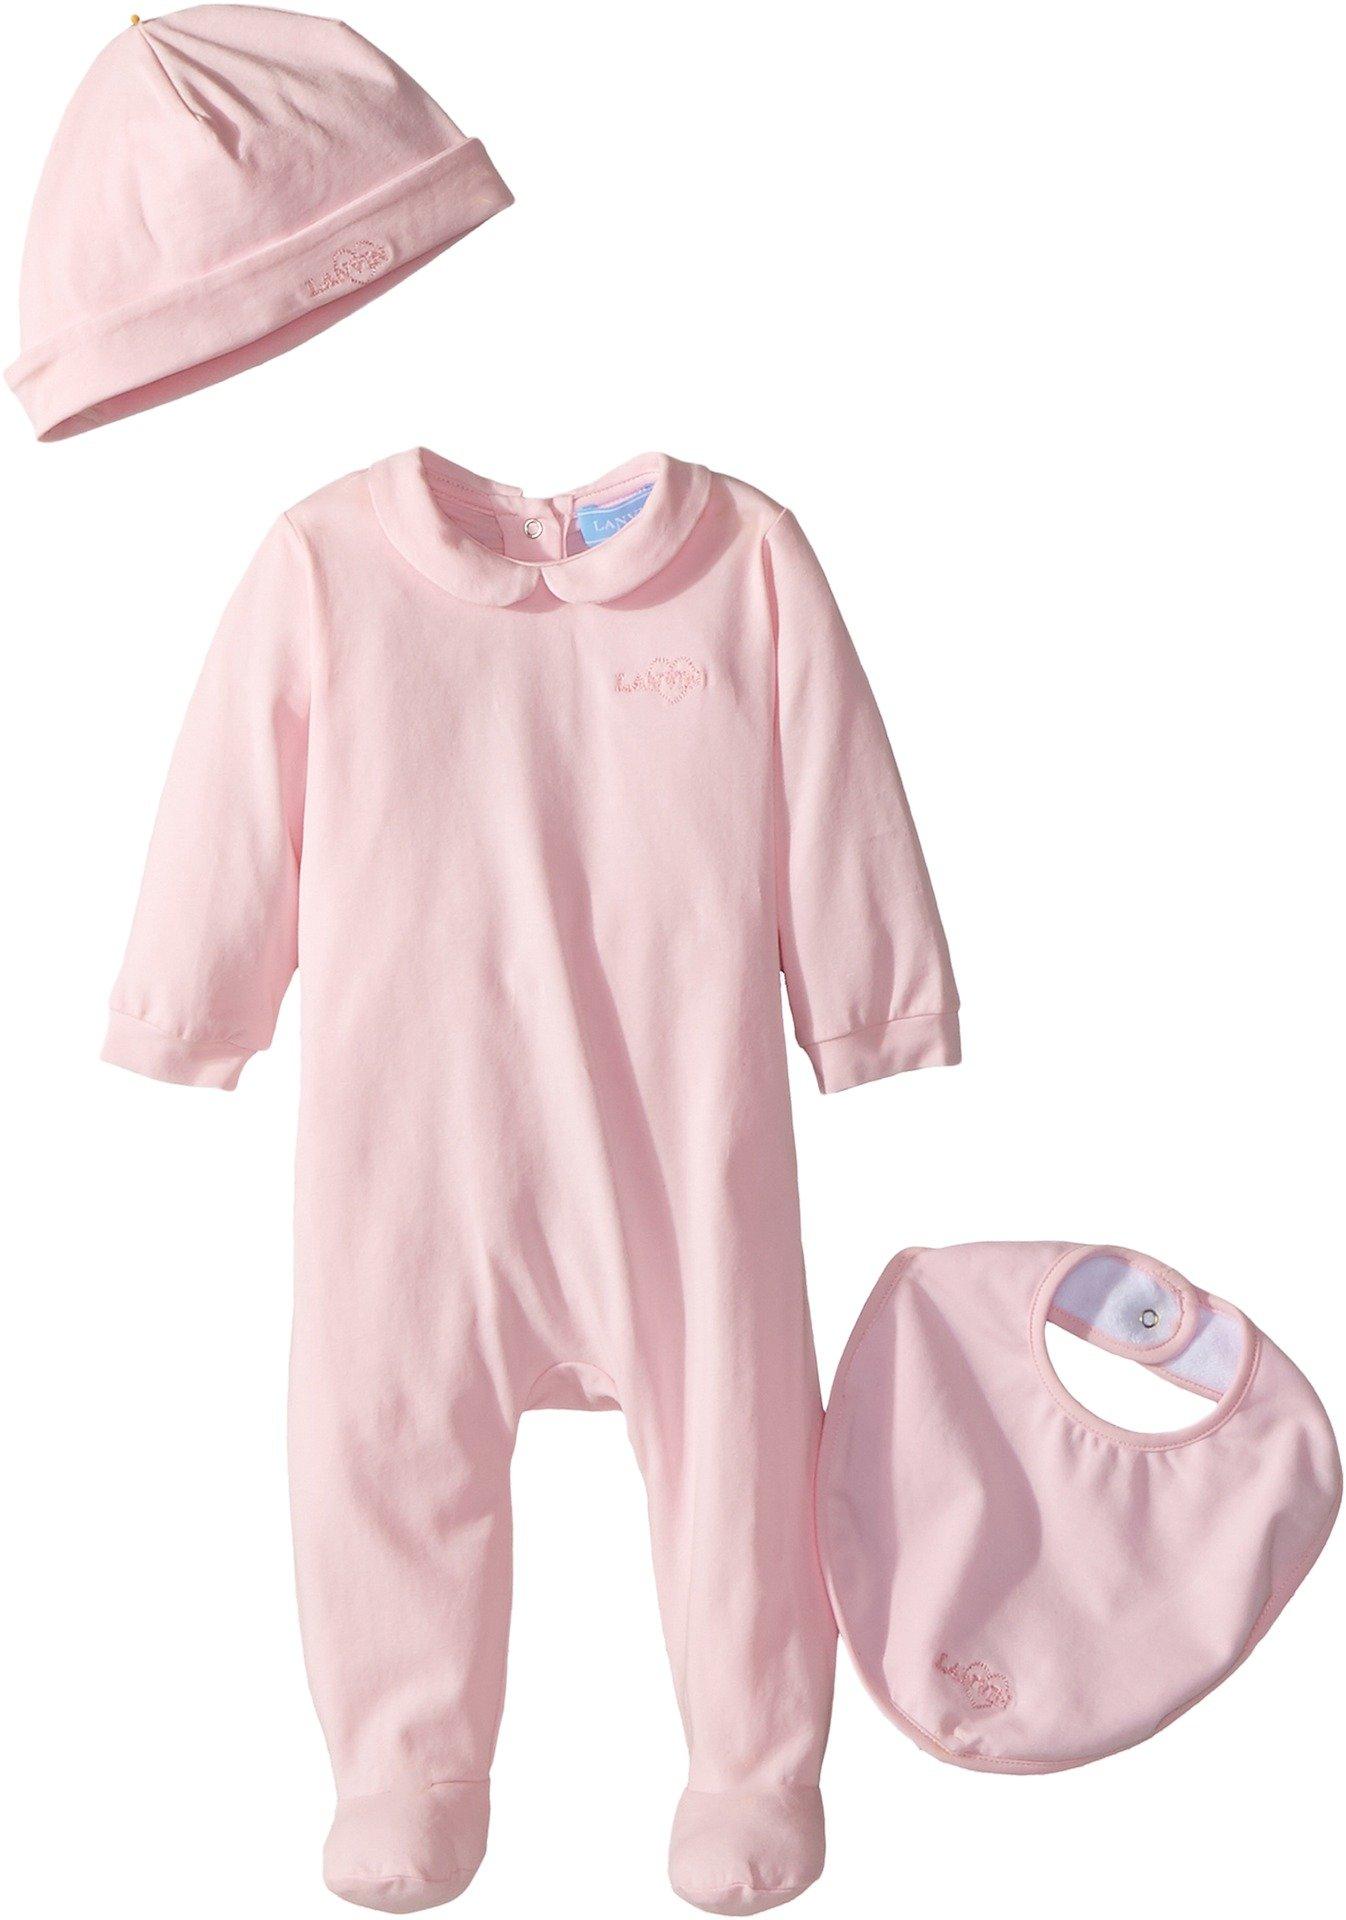 Lanvin Kids Baby Girl's Logo Collar Footie/Hat/Bib Gift Set (Infant) Pink 9